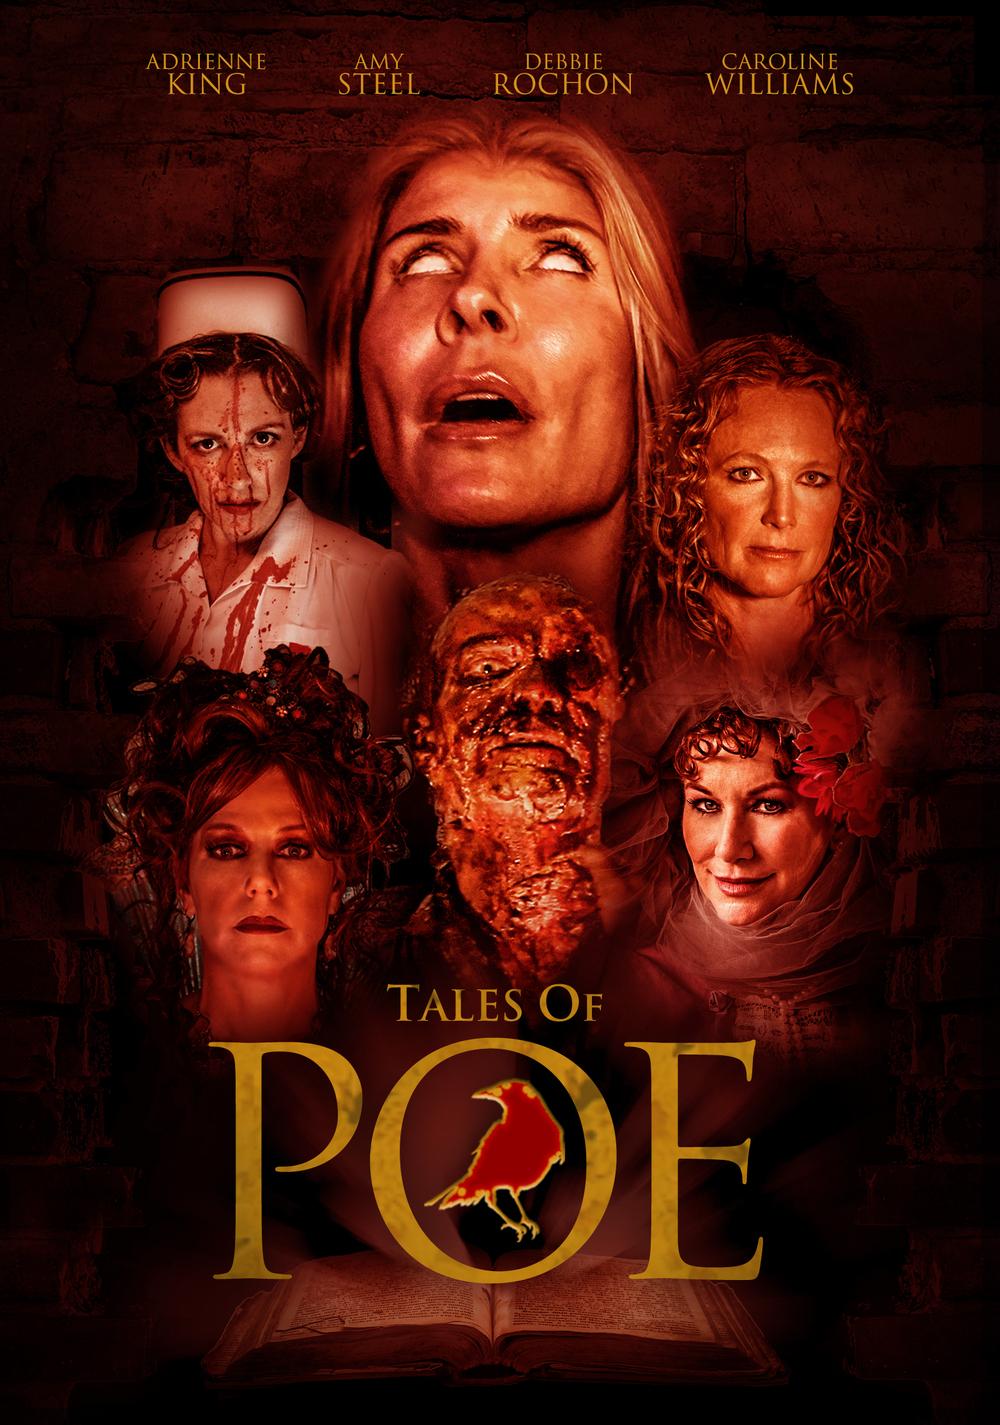 Tales of Poe Poster.jpg